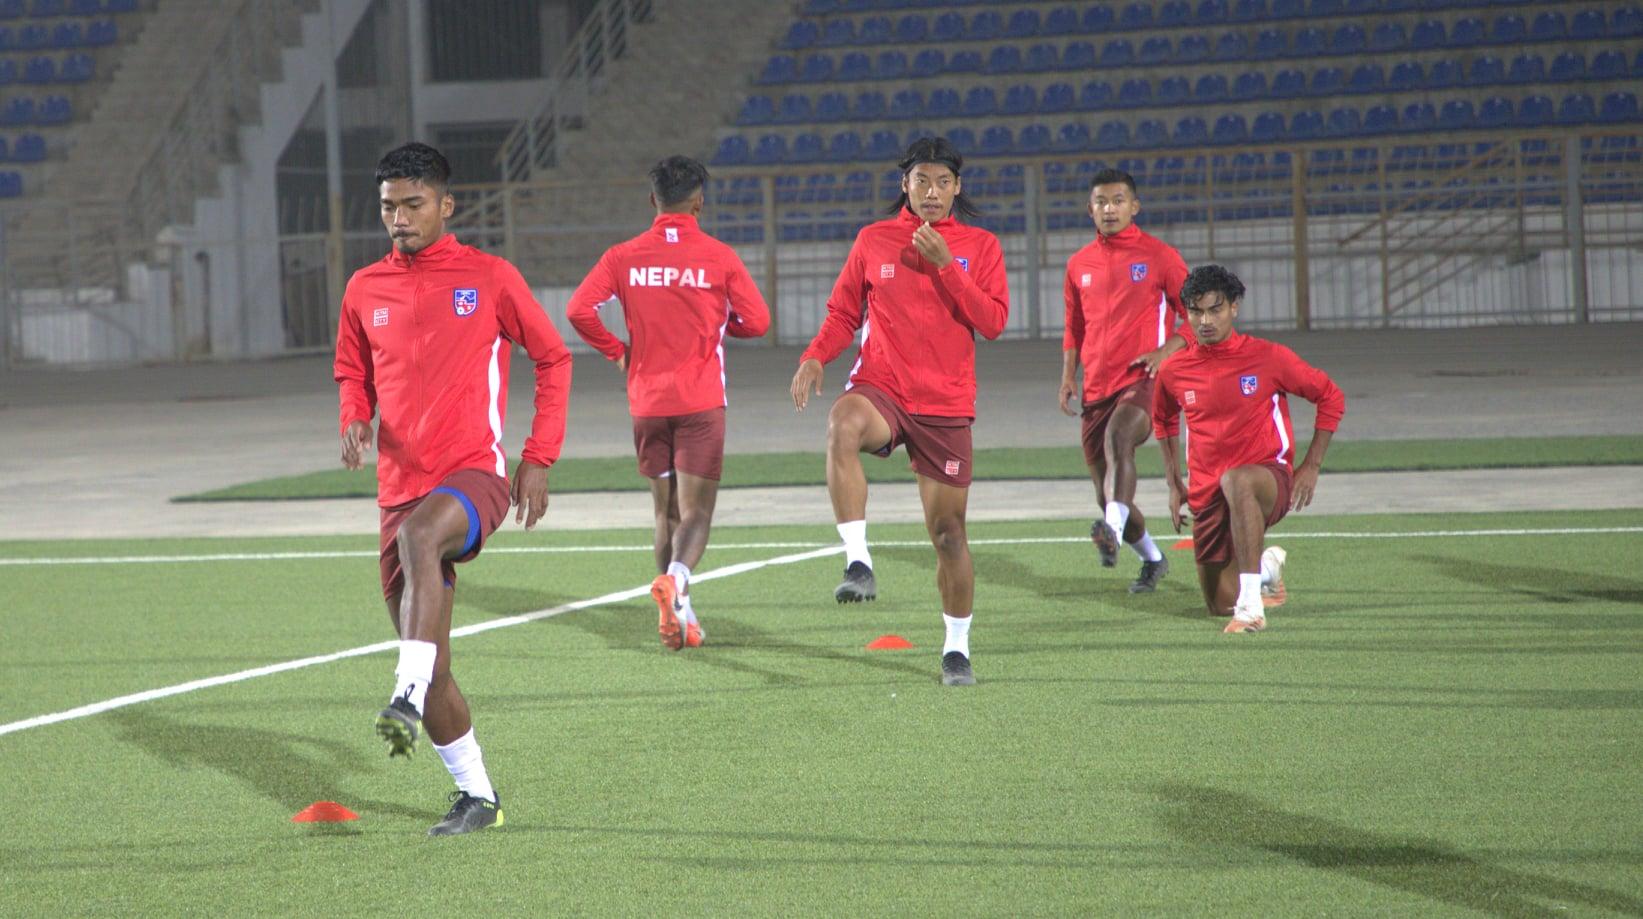 नेपाल र इन्डोनेसियाबीचकाे मैत्रीपूर्ण फुटबल आज